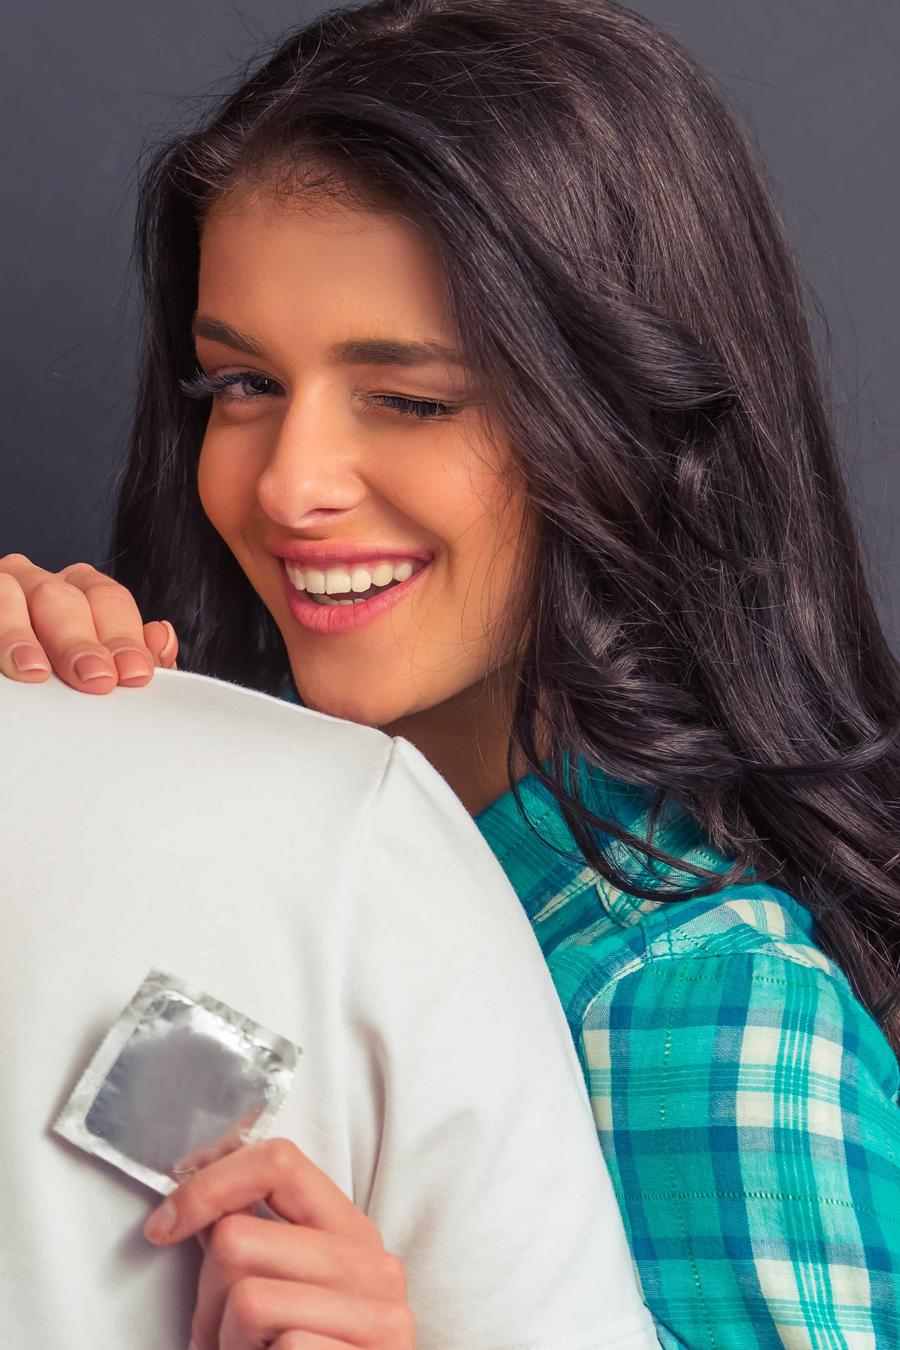 Mujer muestra preservativo a espadas de un hombre